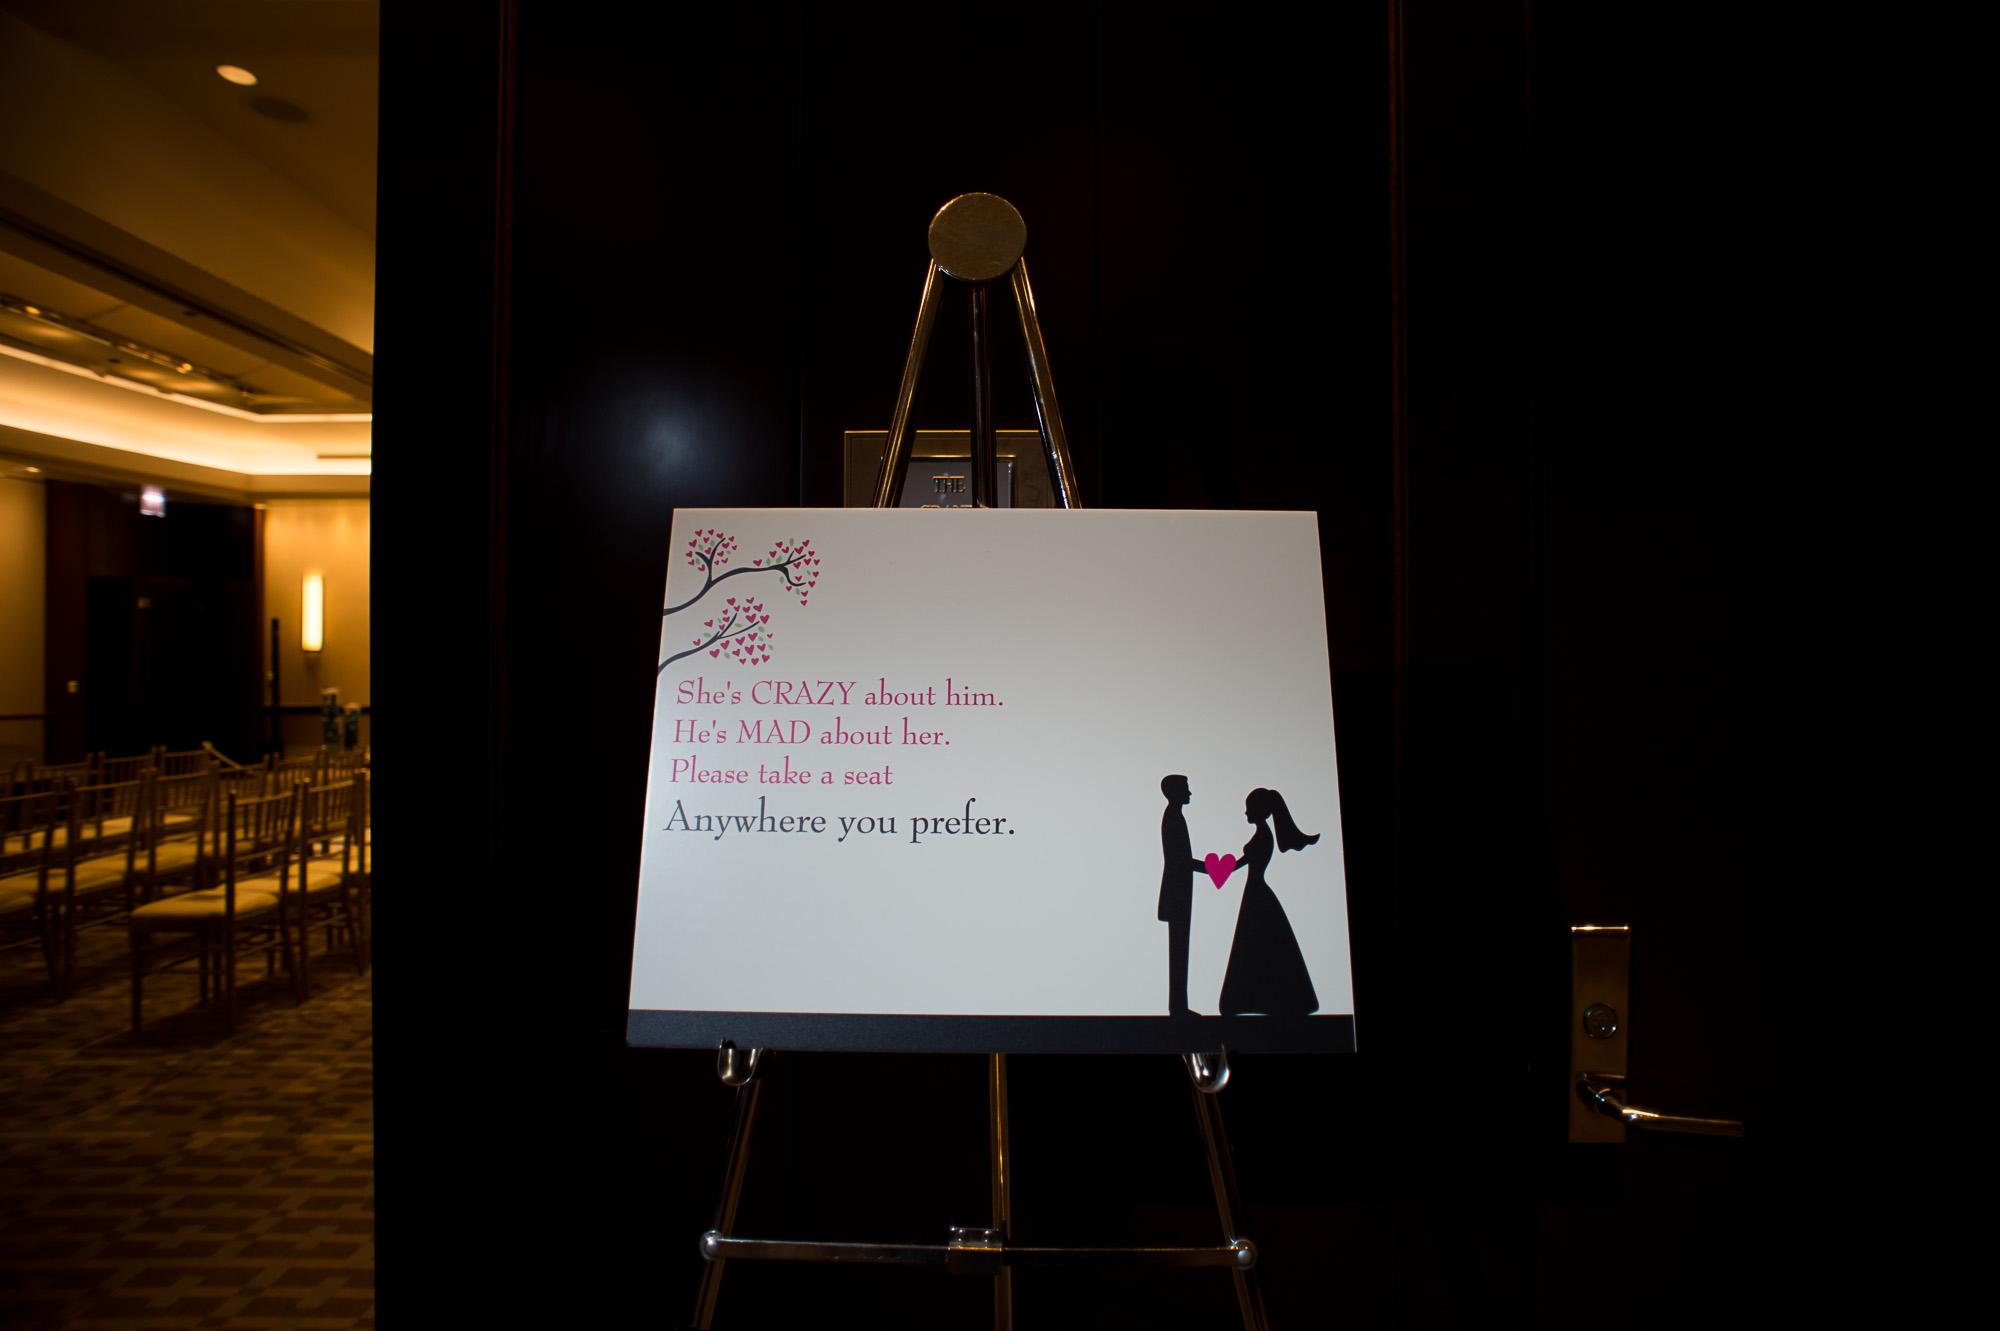 park-hyatt-chicago-wedding-water-tower-wedding-9898